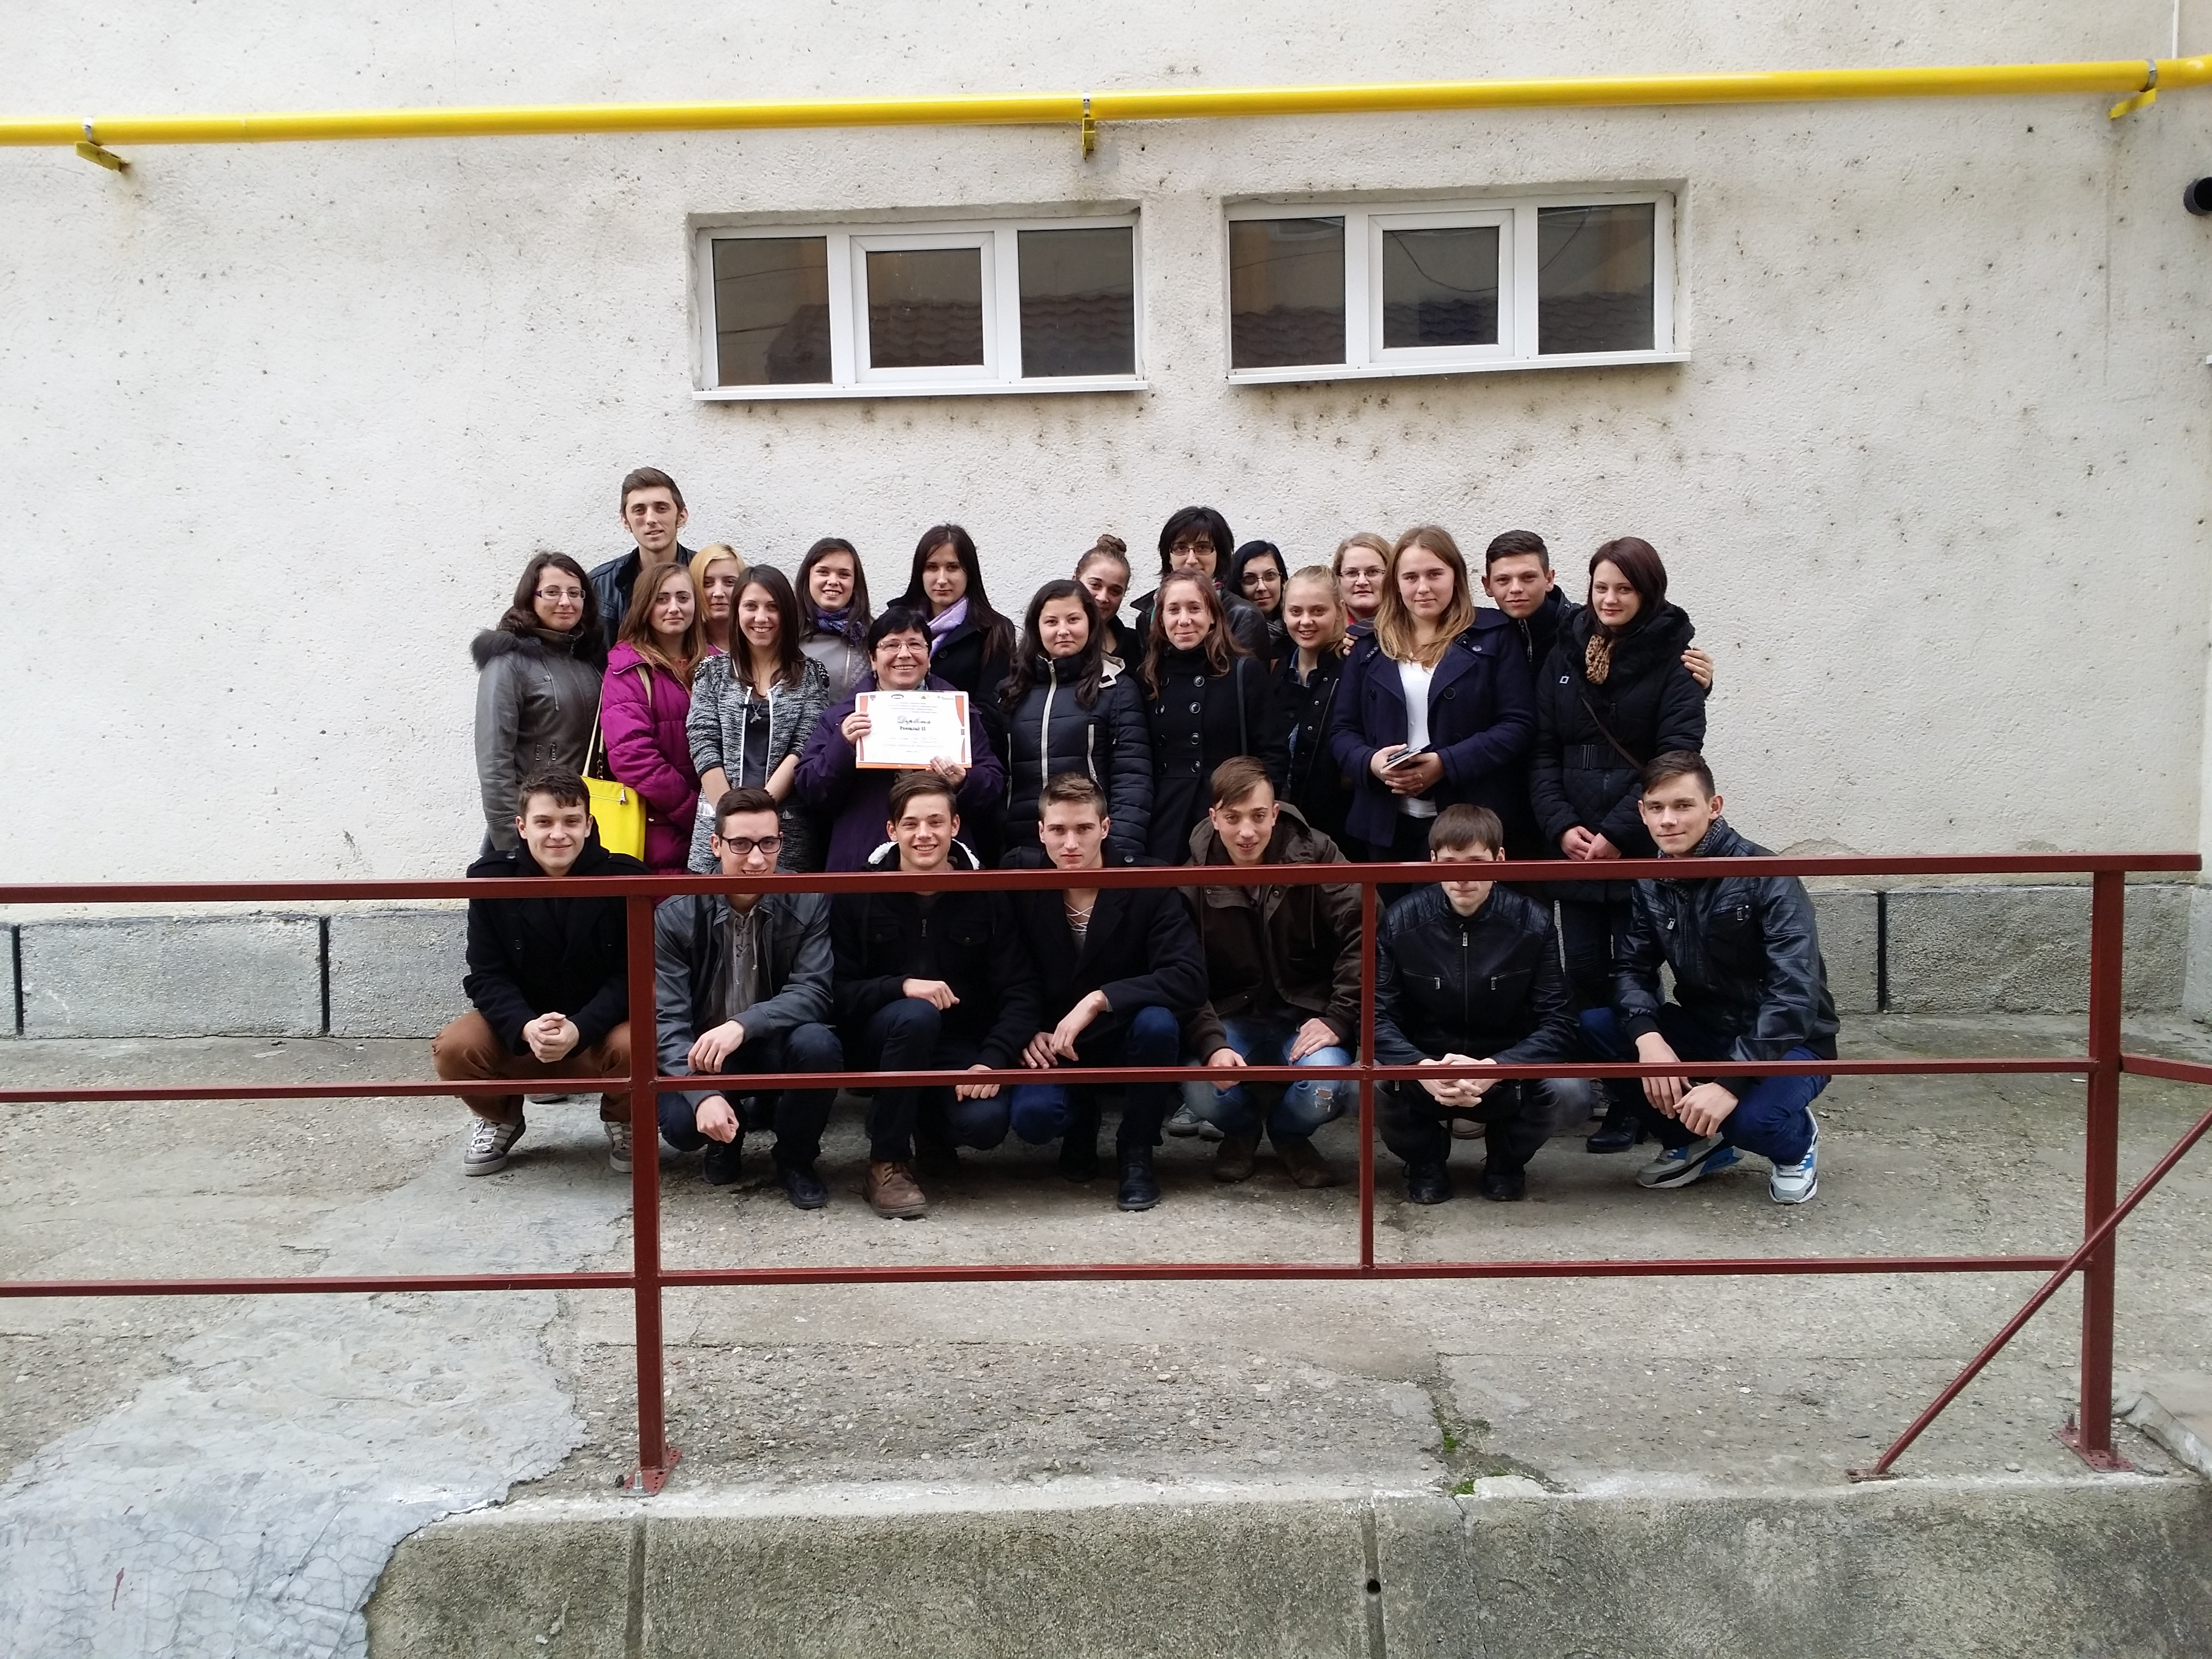 Hétvége díjzáporral a krasznai diákszínjátszóknak